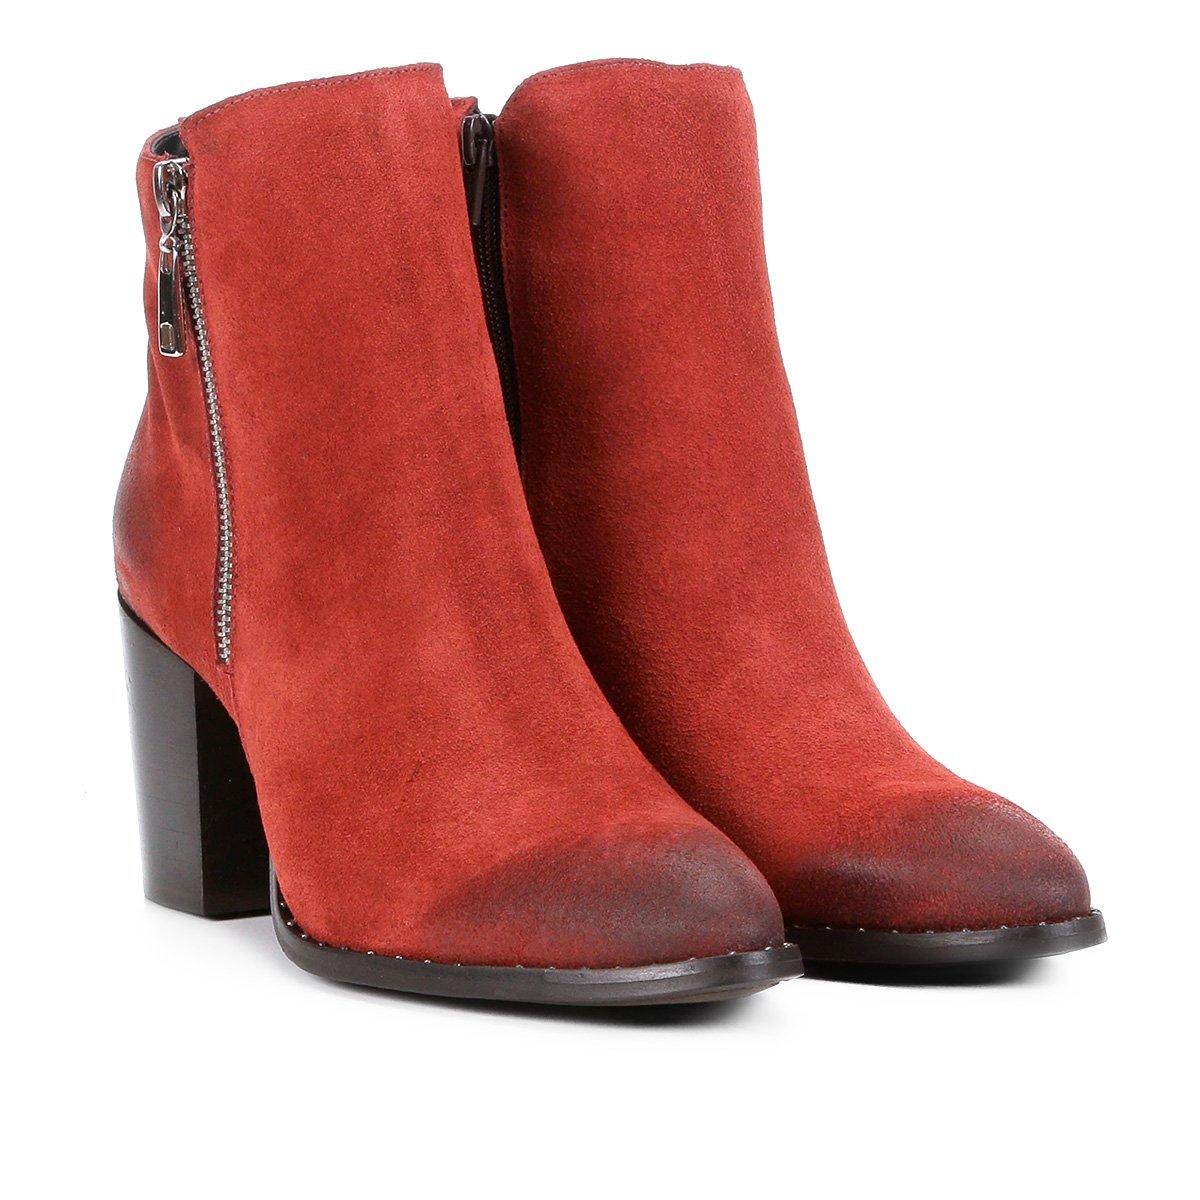 a330c6349 Bota Couro Cano Curto Shoestock Salto Bloco Feminina - Laranja Escuro -  Compre Agora